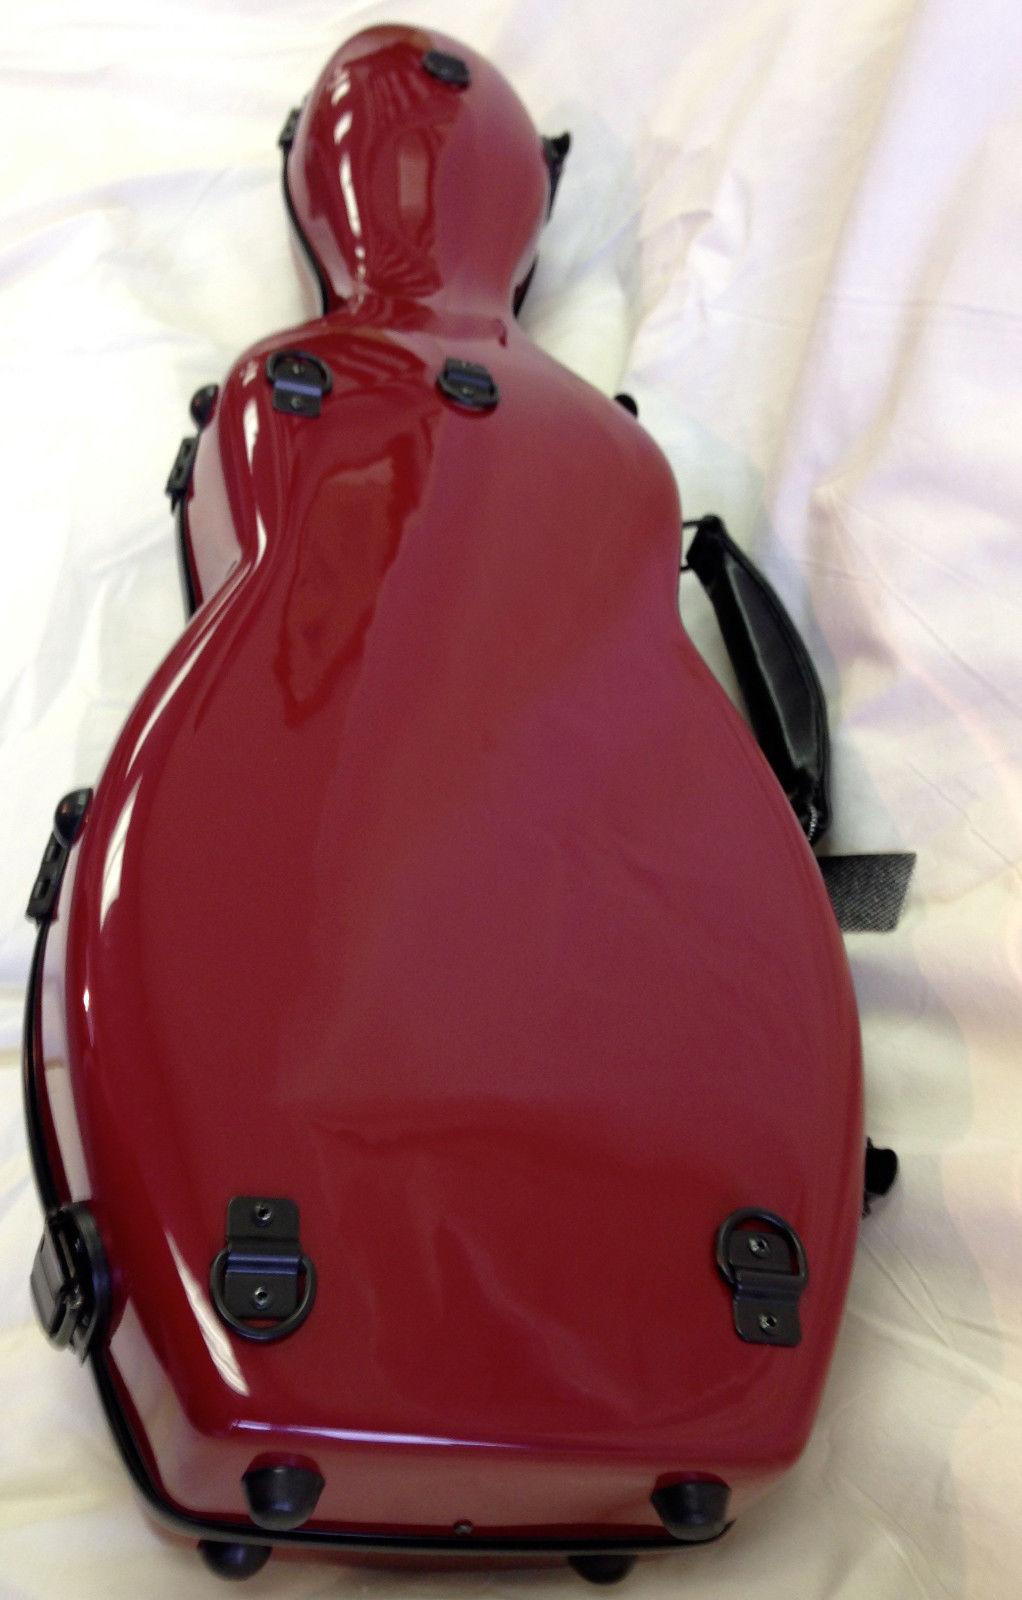 NEW Tonareli Violin Case w/ attachable Music Bag - Choice of in-stock colors